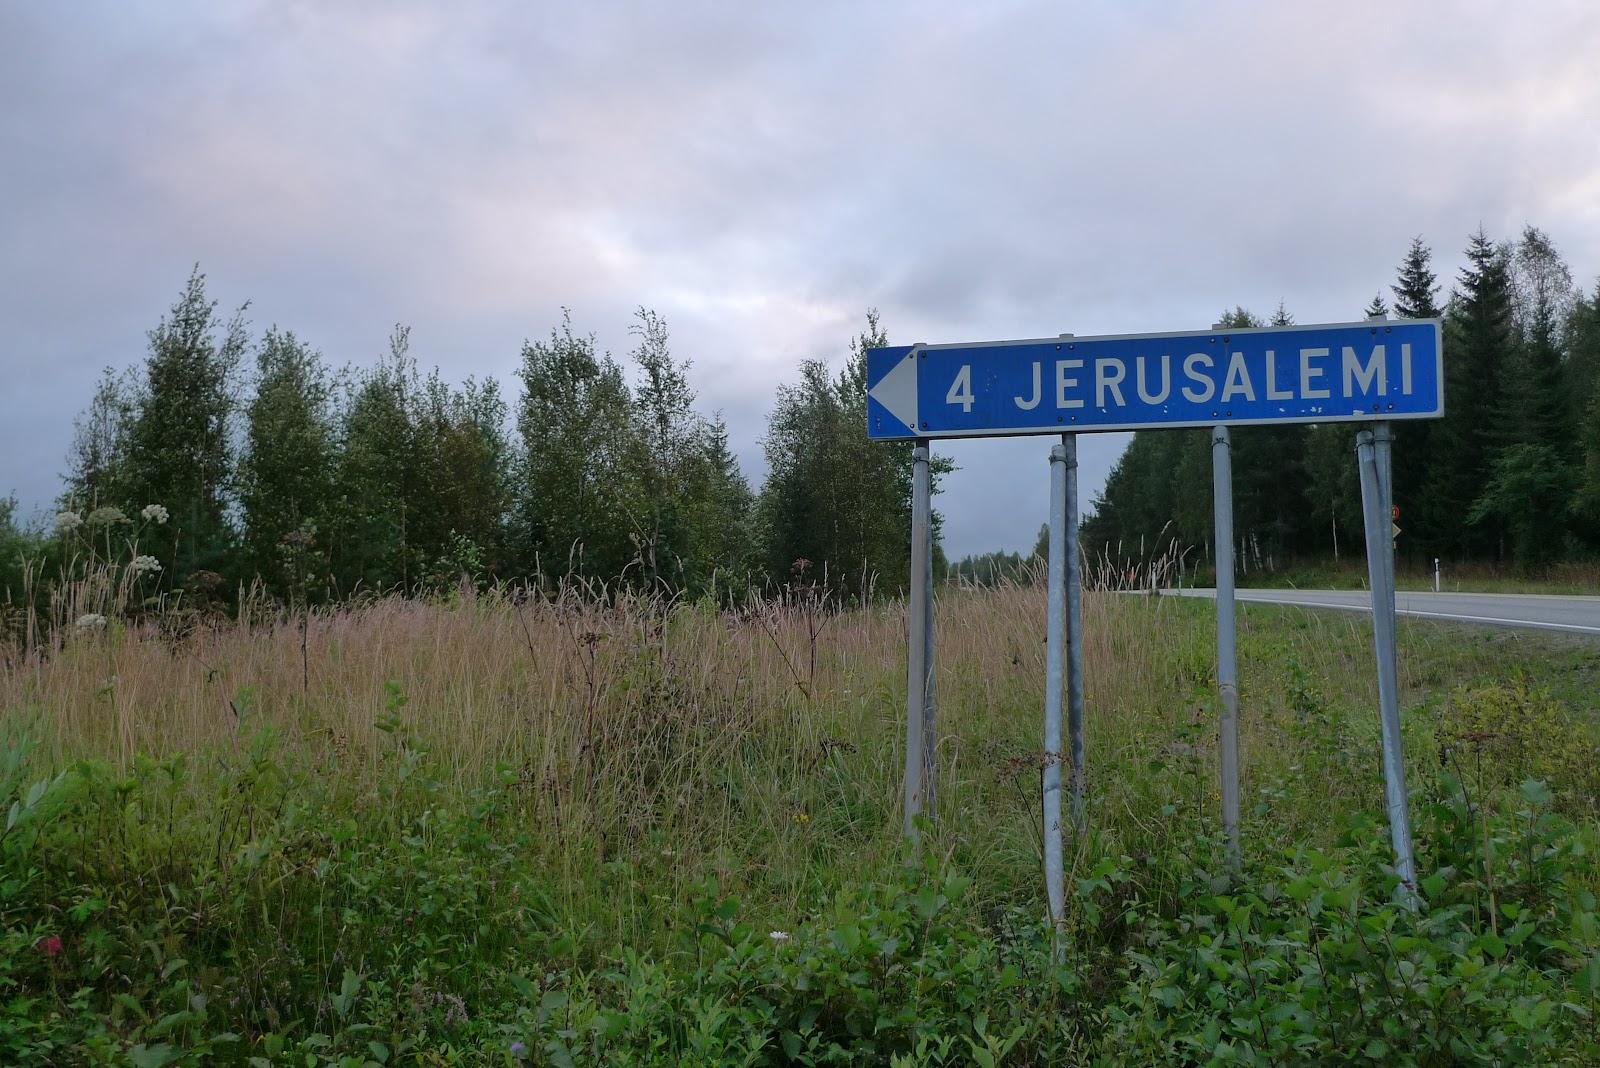 Jerusalemi